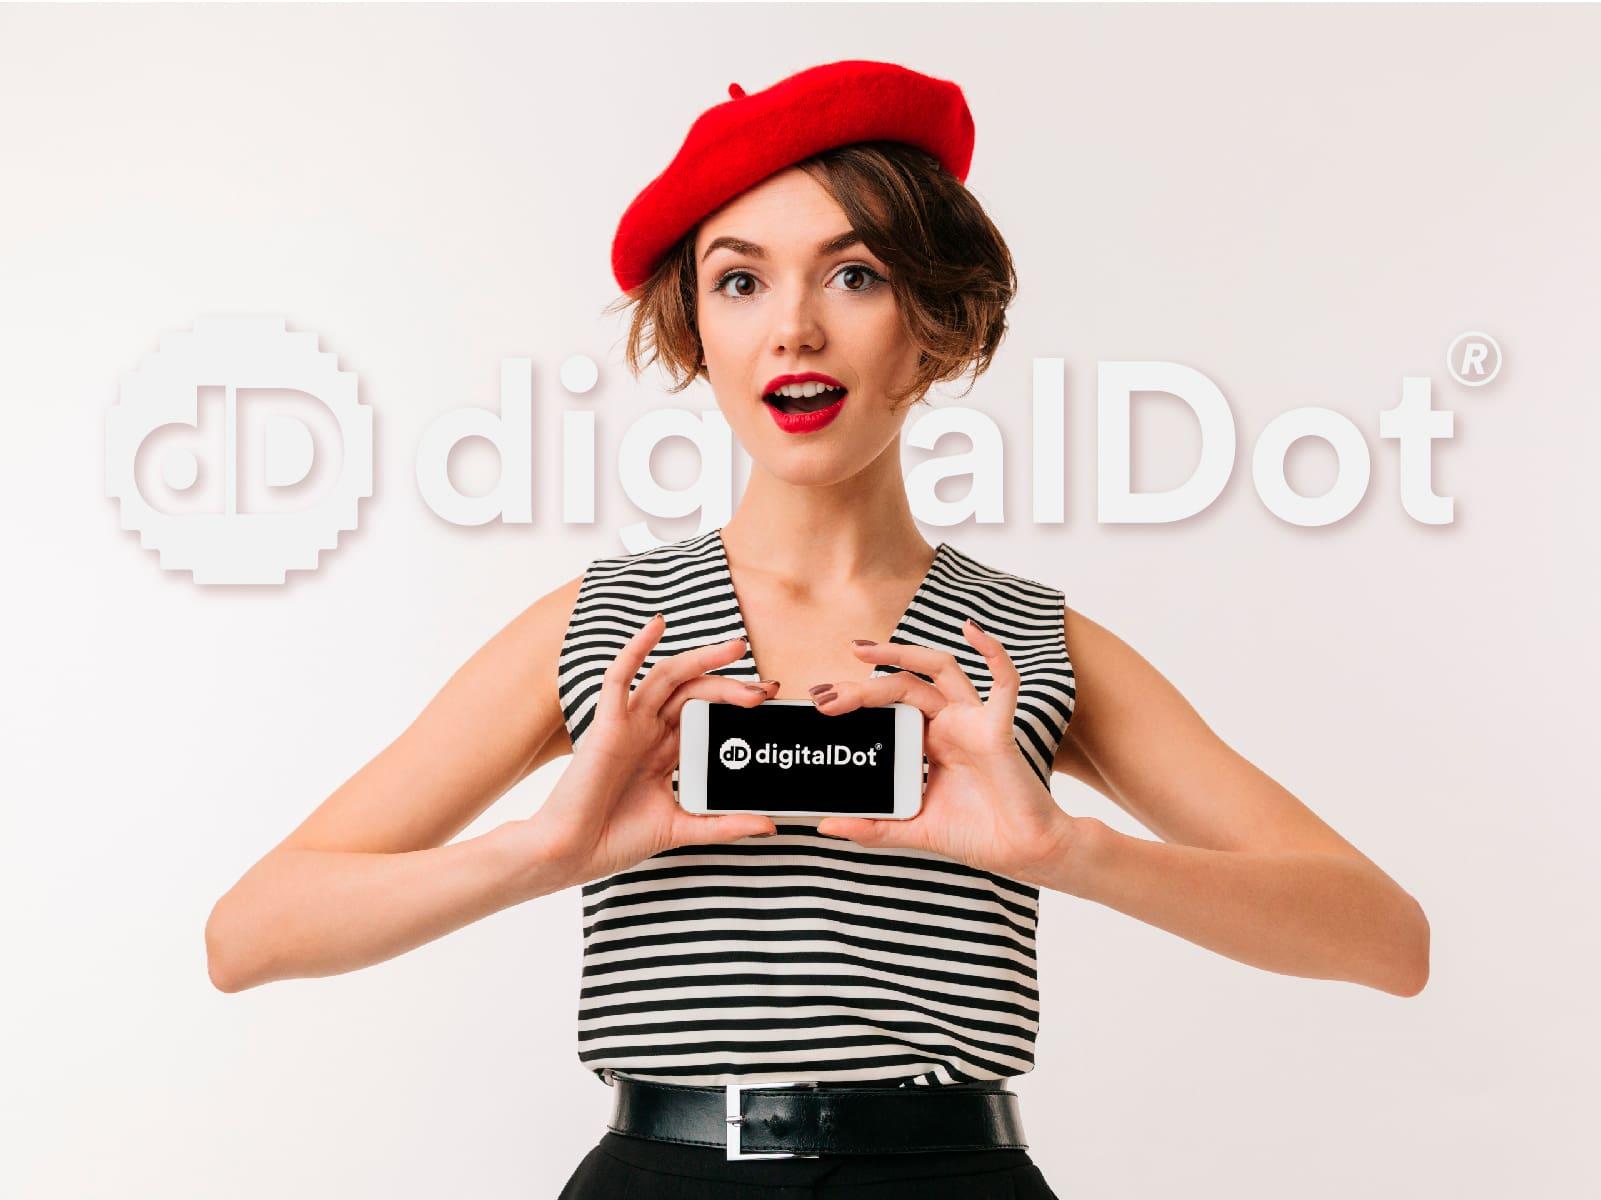 Marketing digital. digitalDot